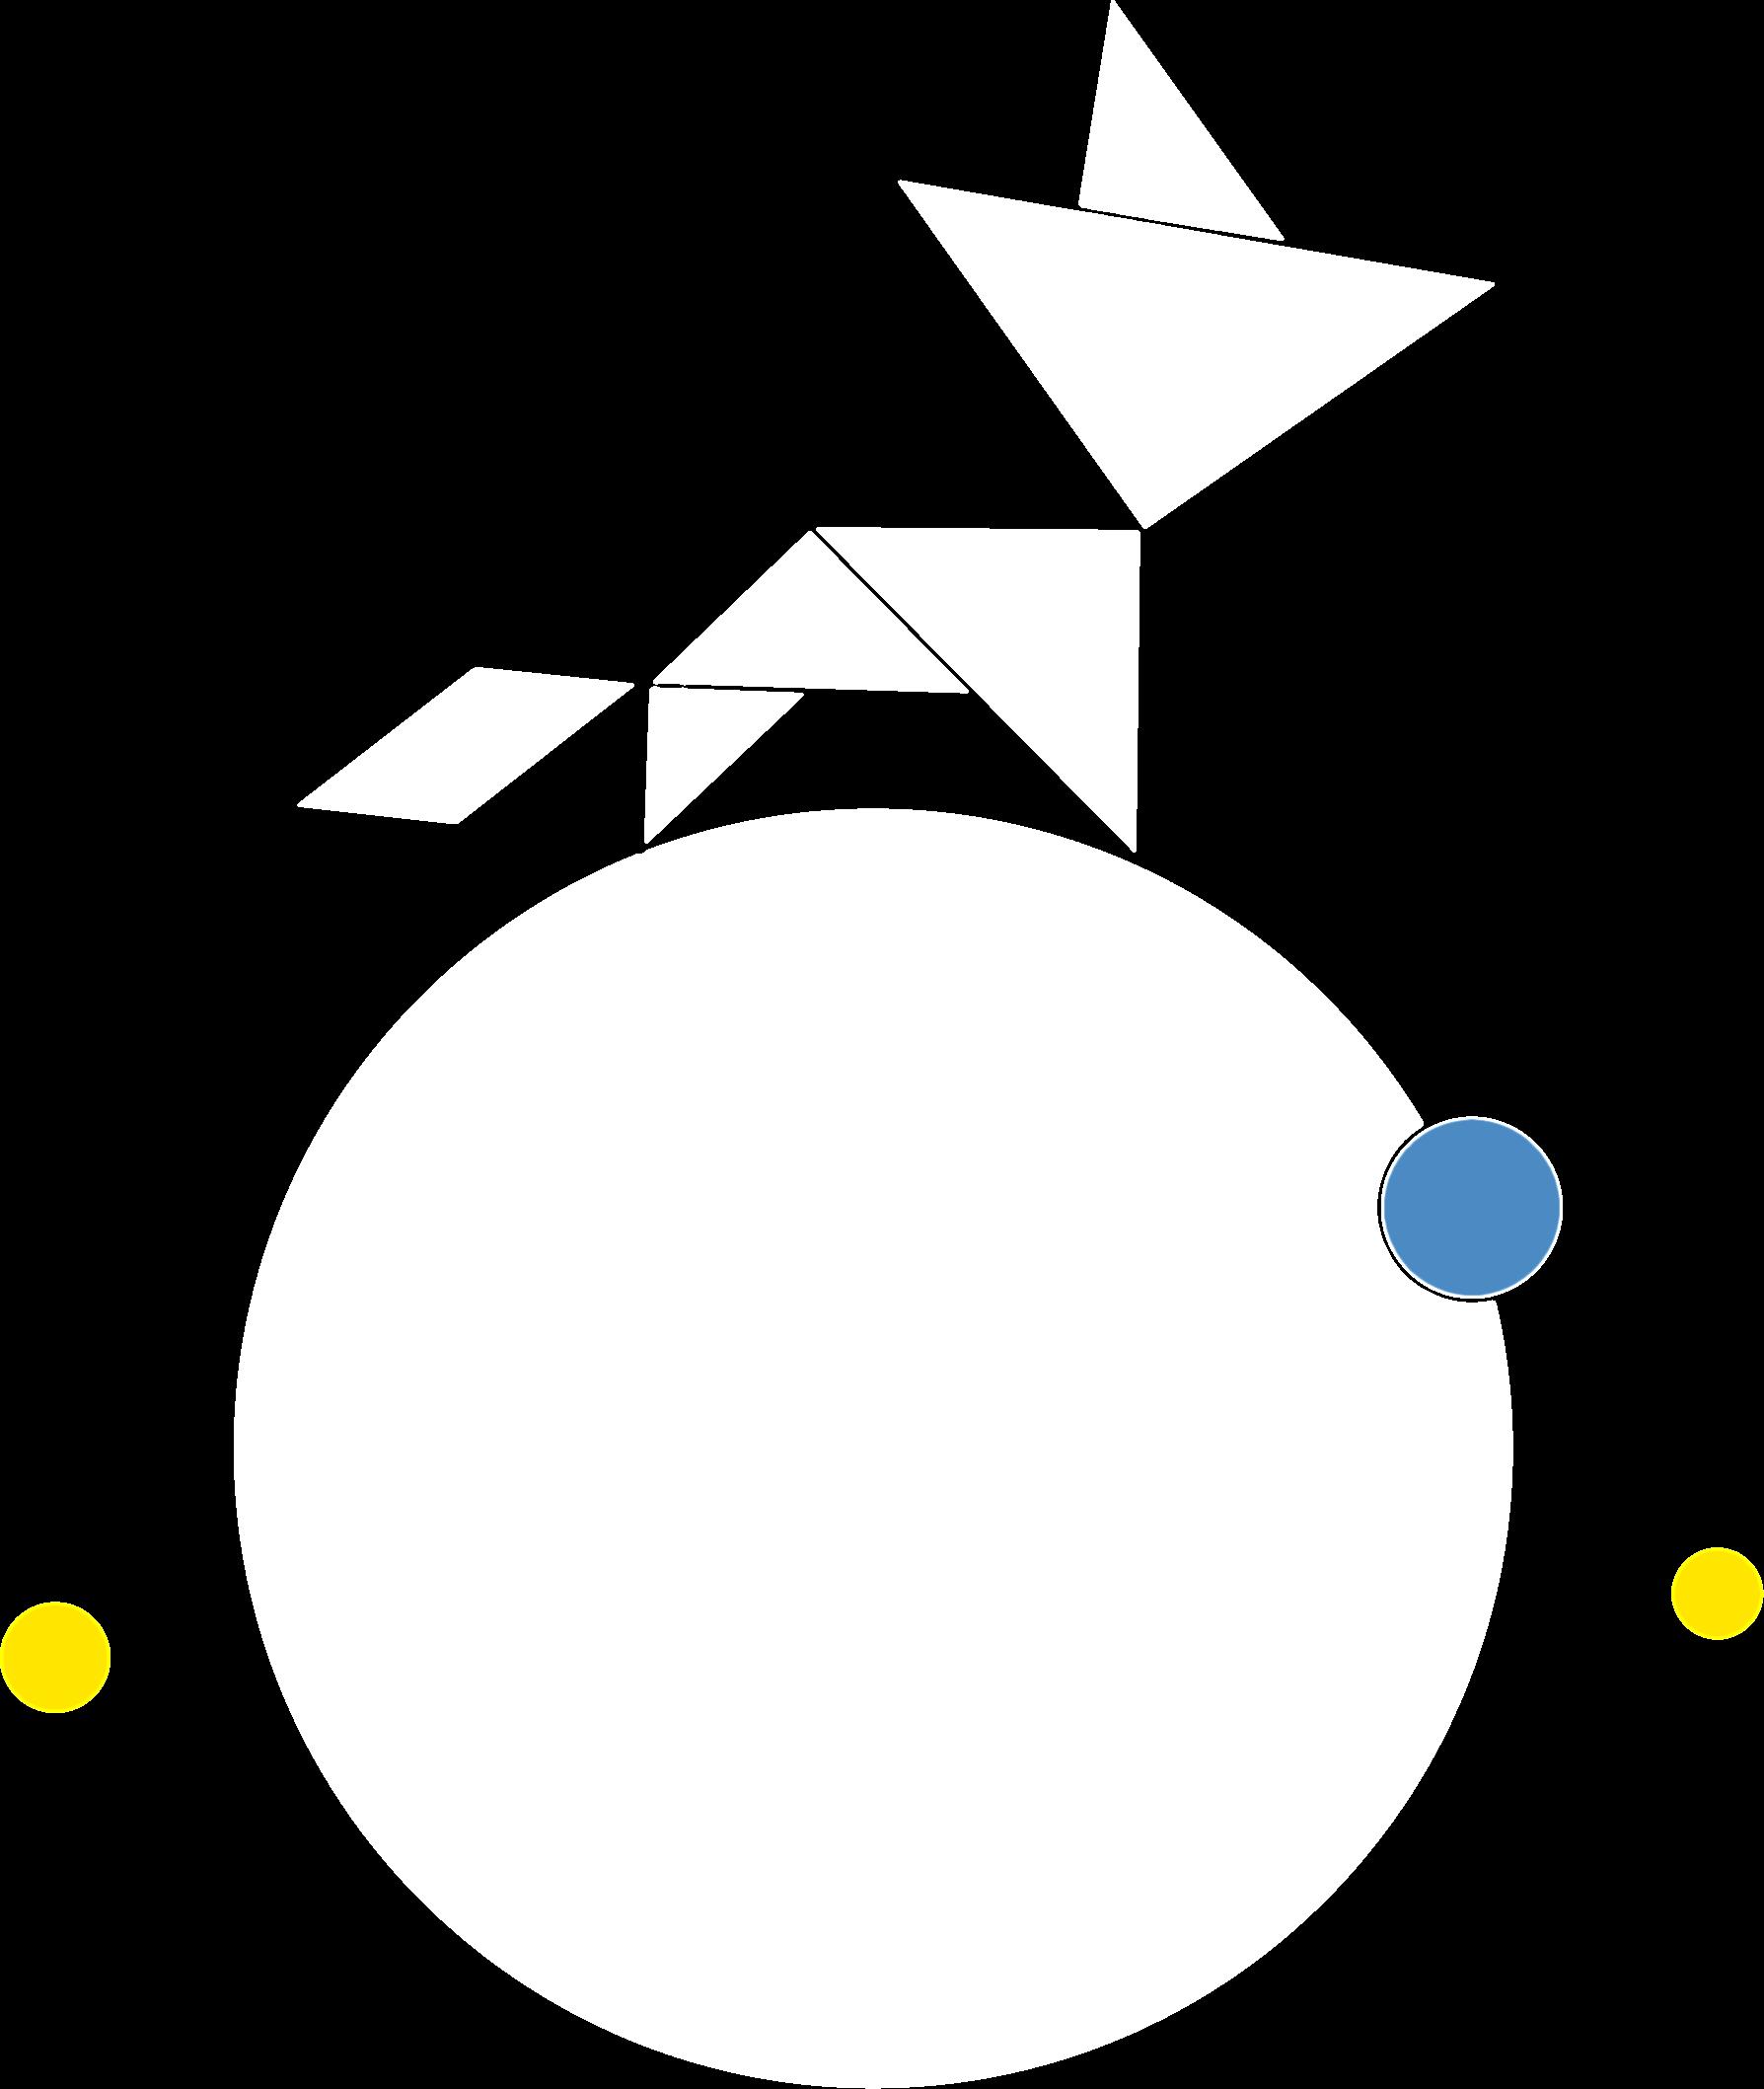 b-612 old logo